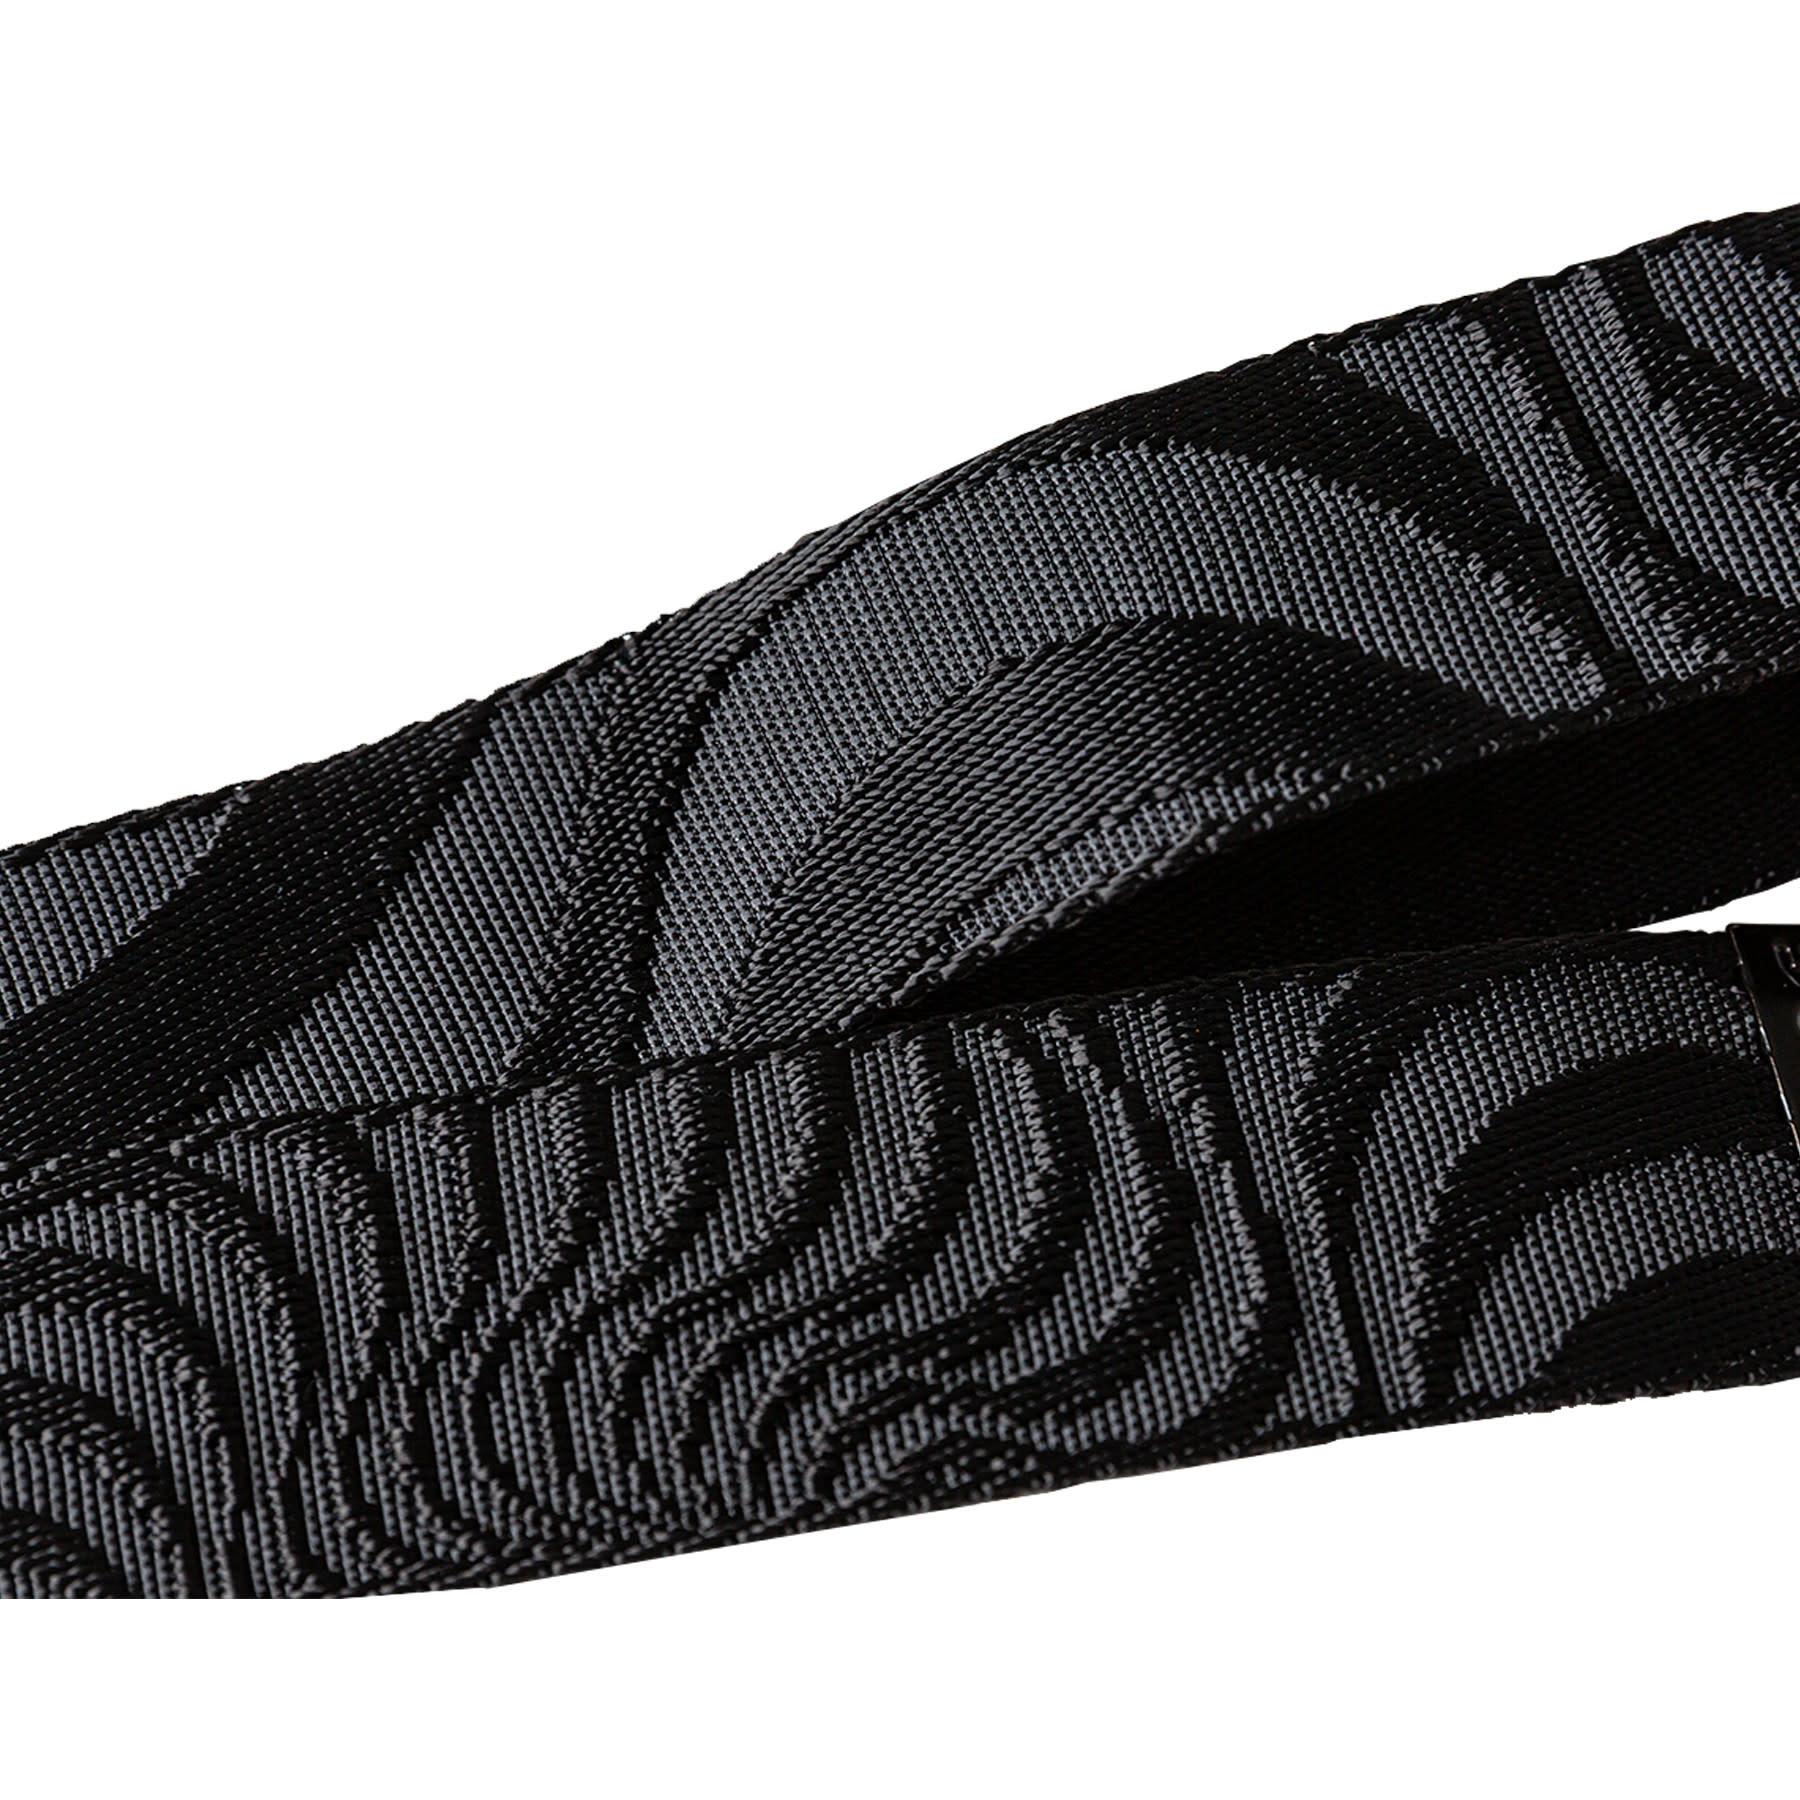 Spitfire Wheels Bighead Fill Jacquard Swirl Belt Black